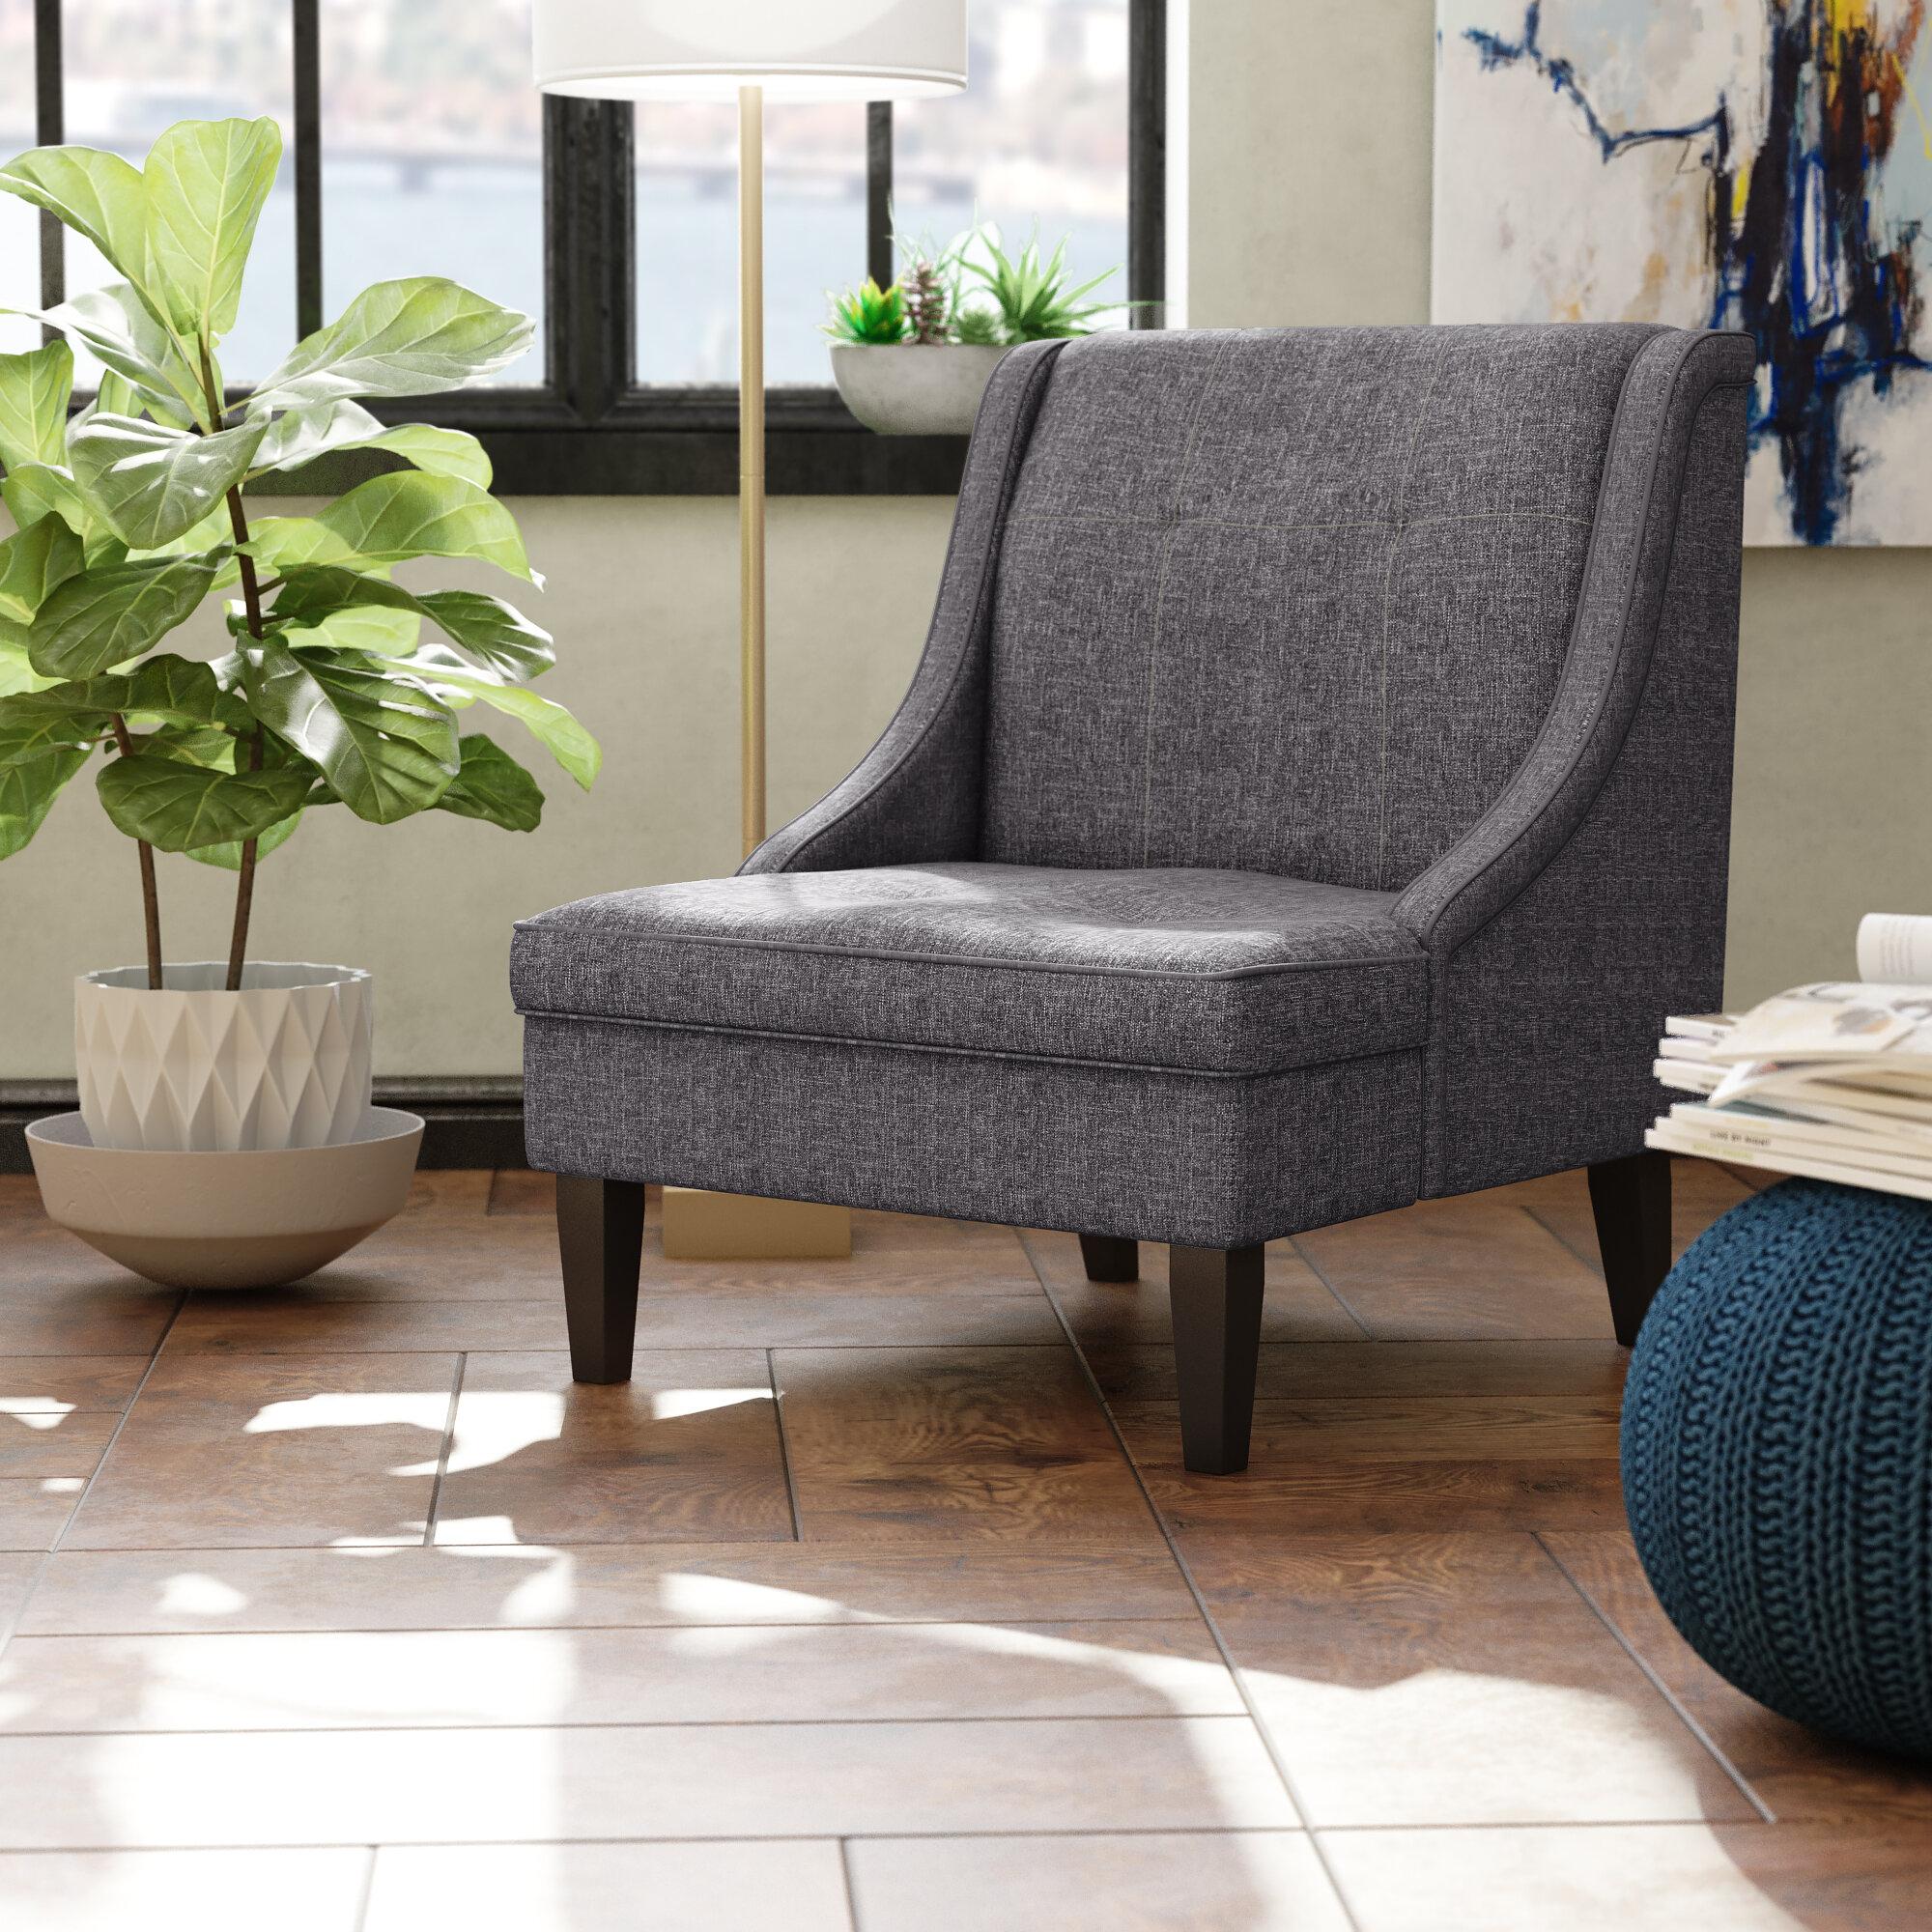 Janiyah Slipper Chair Throughout Aniruddha Slipper Chairs (View 5 of 15)